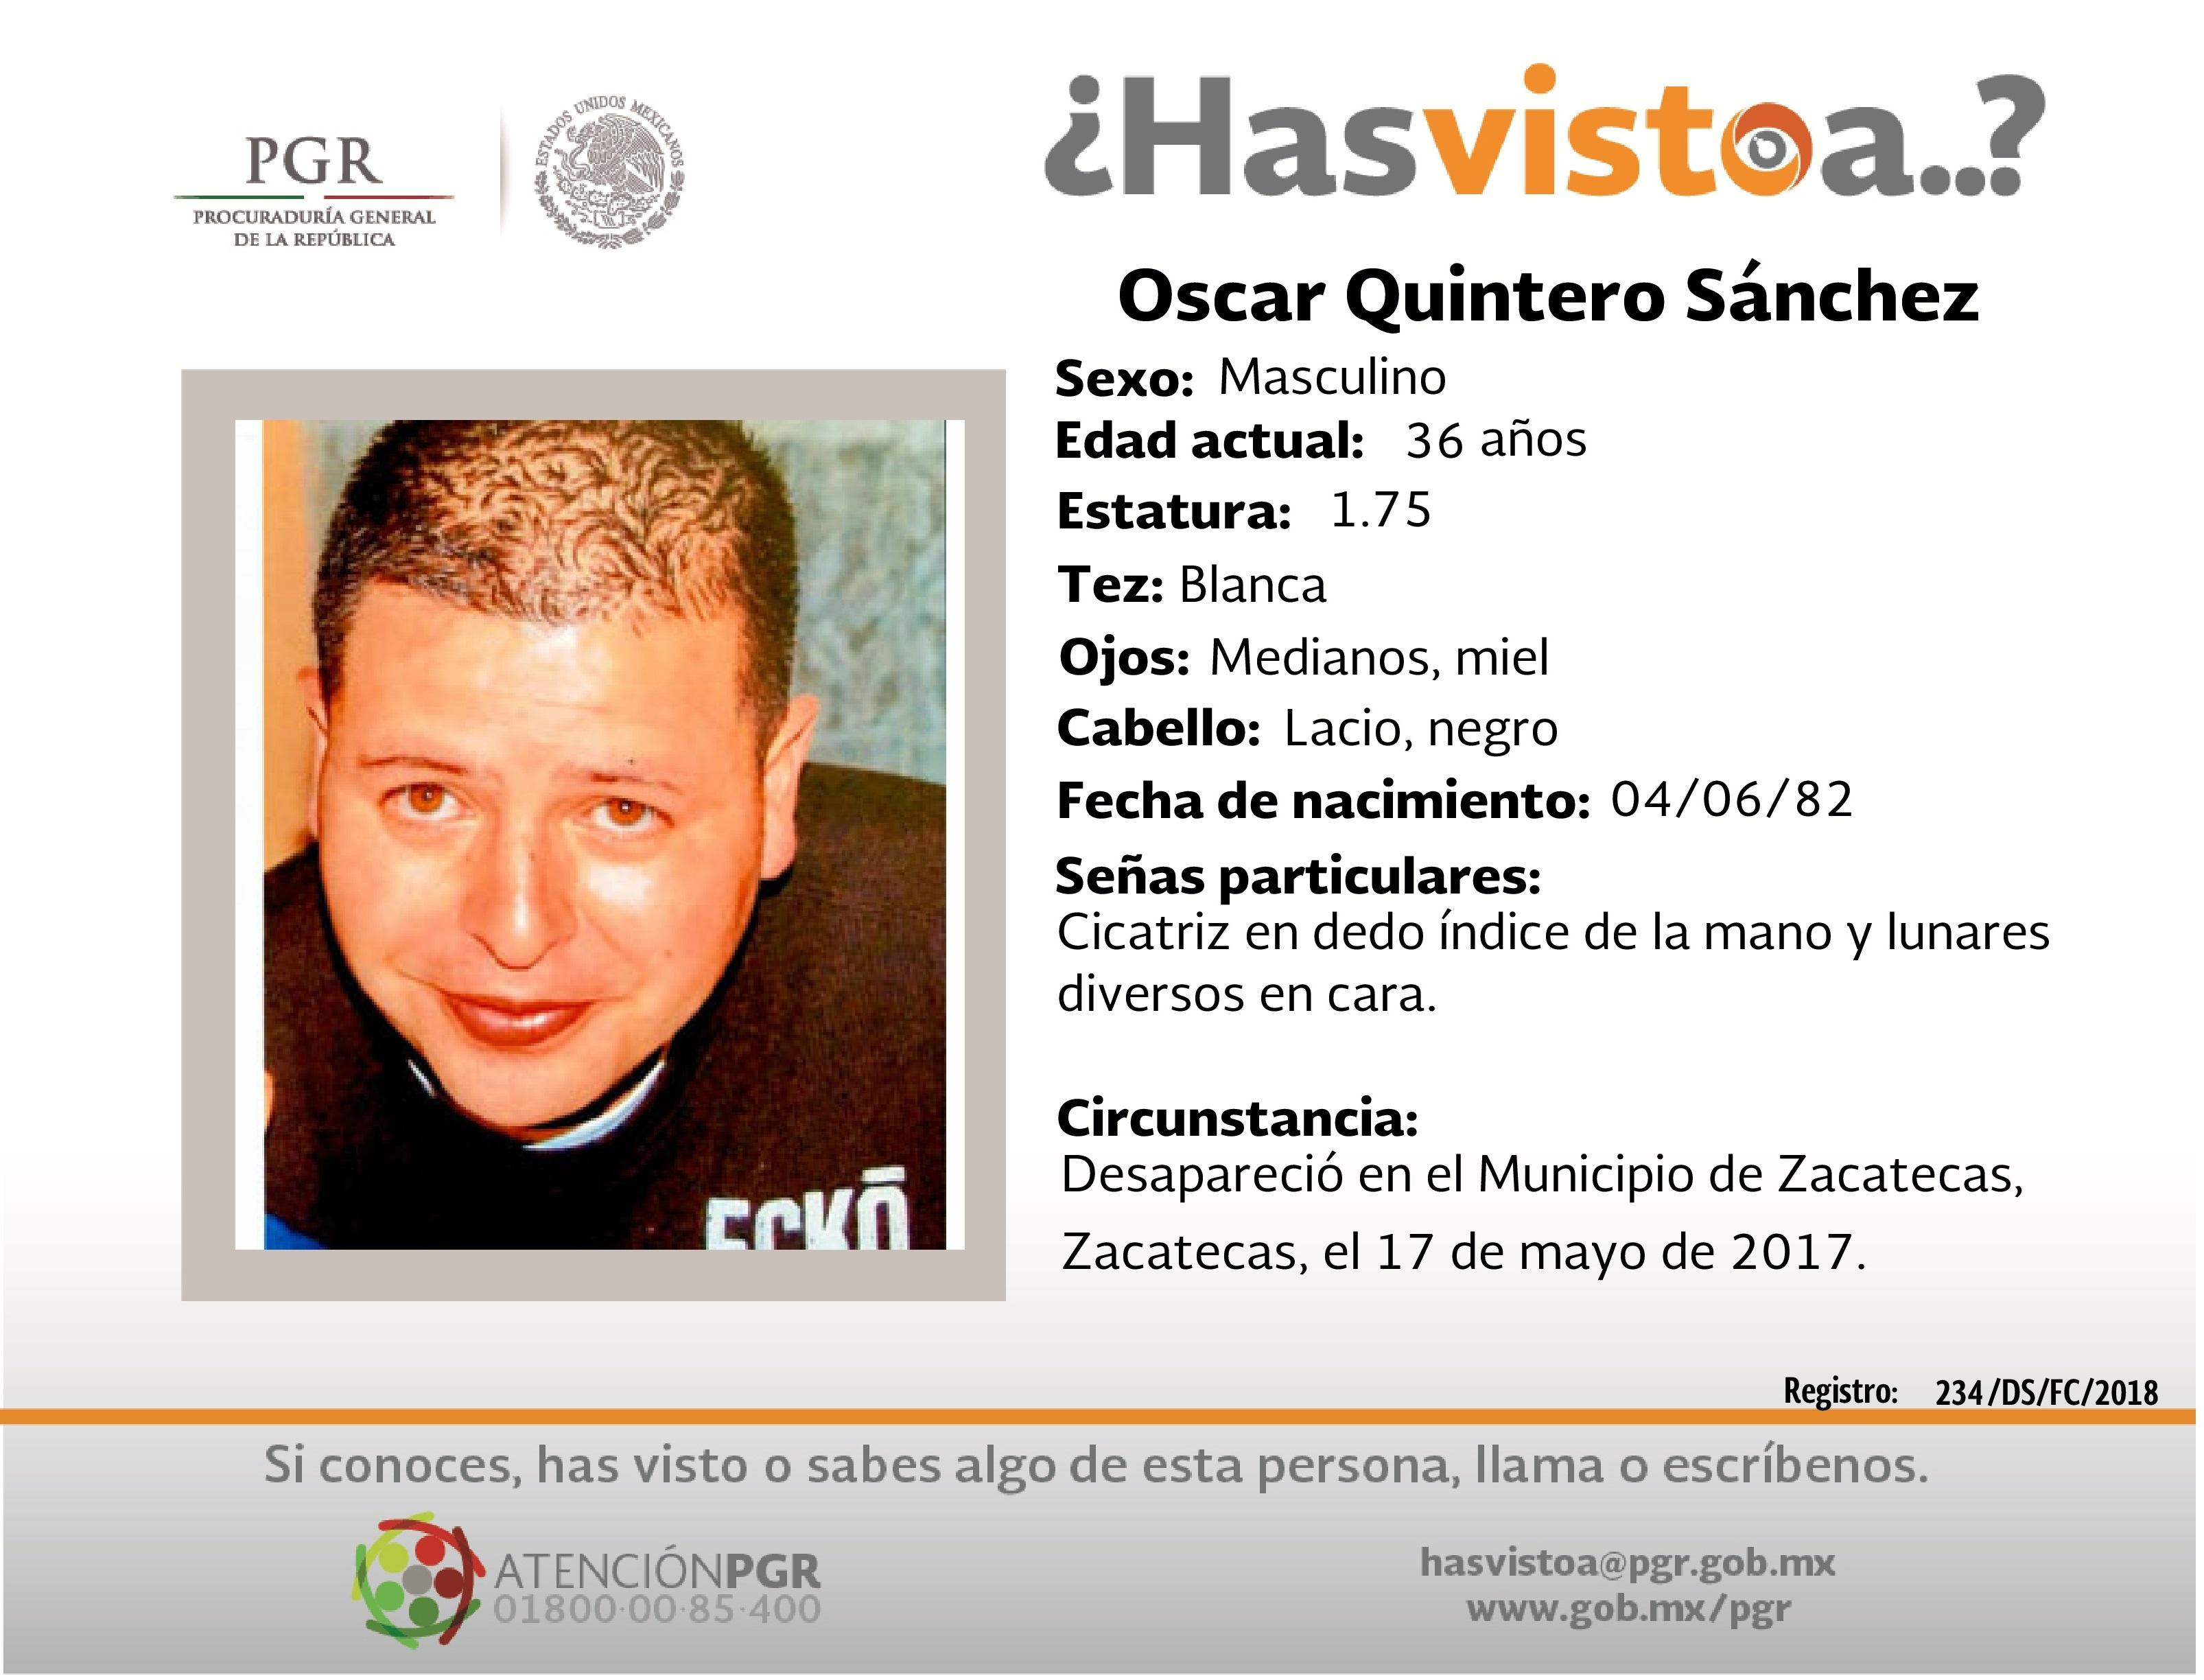 Ayúdanos a localizar a Oscar Quintero Sánchez